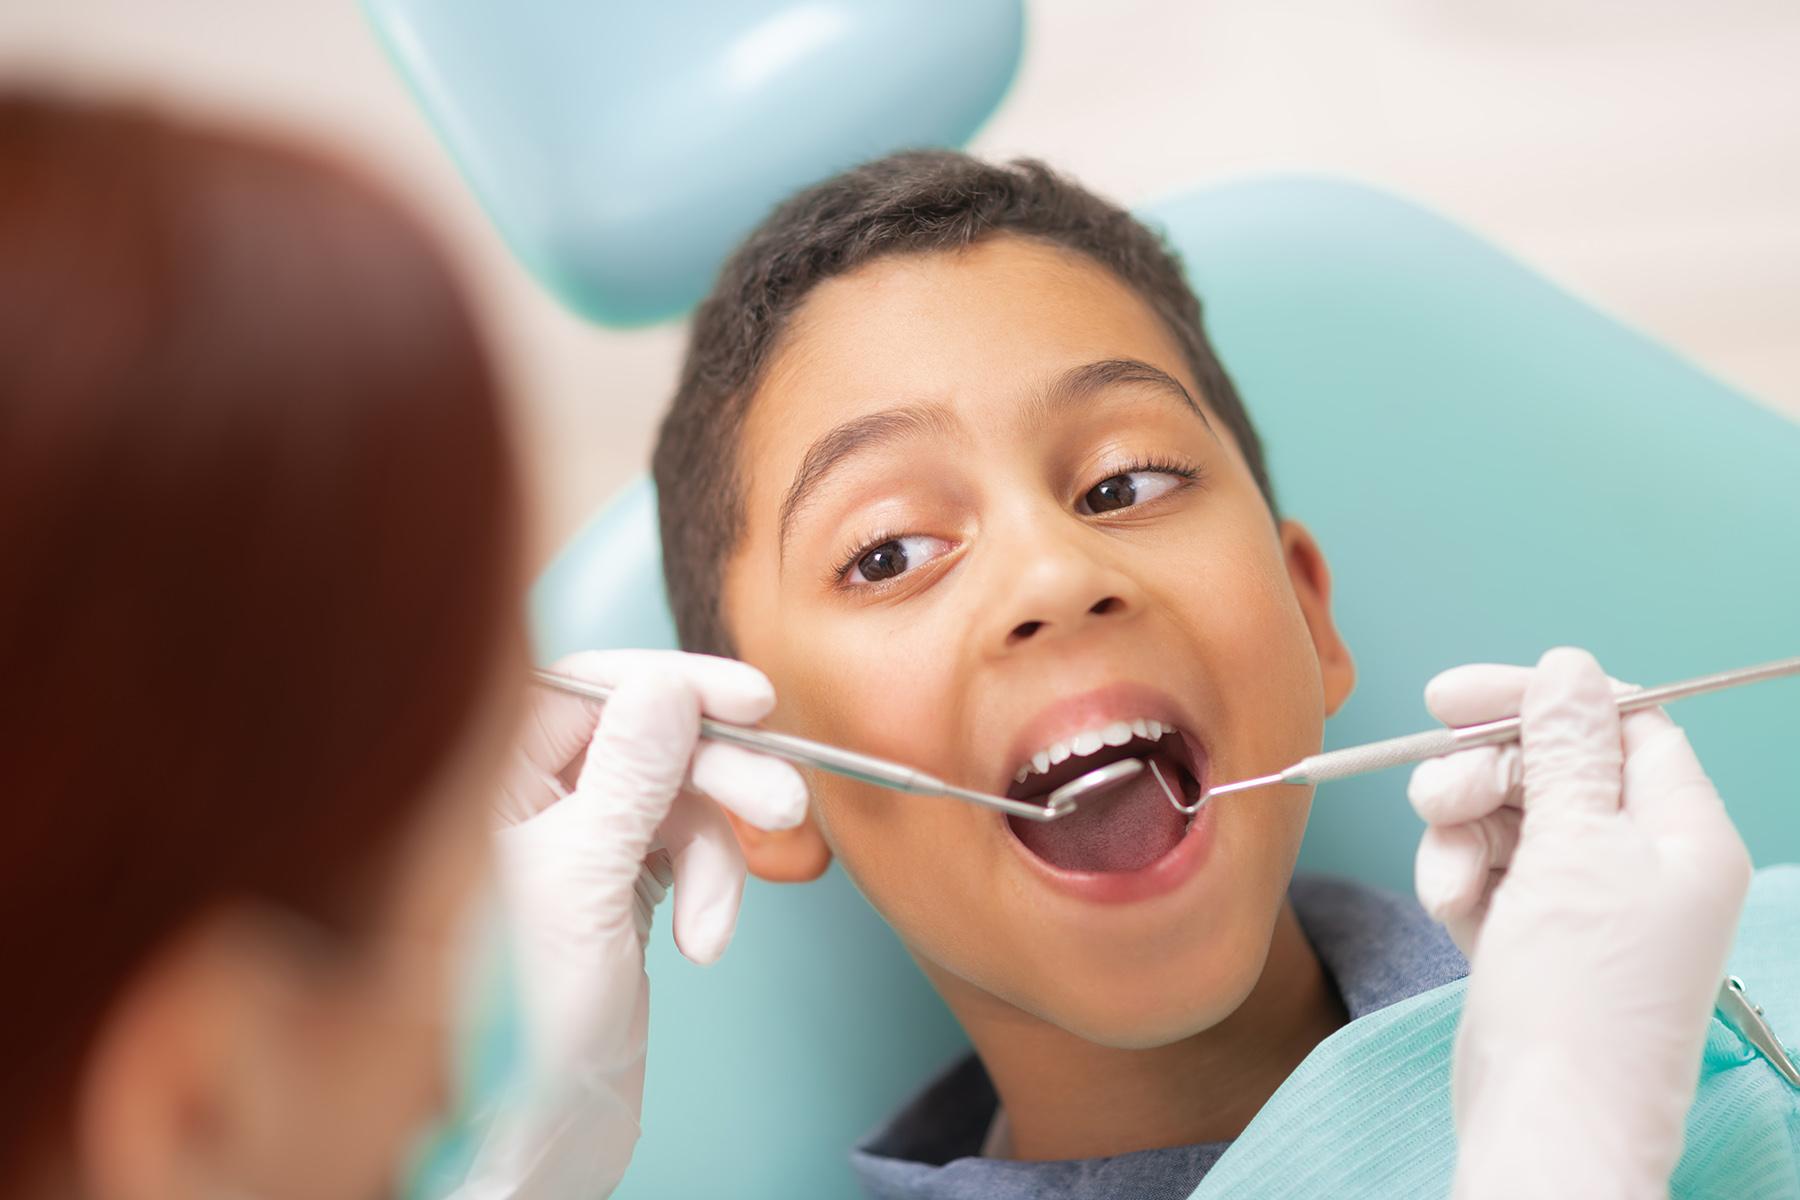 Young boy at a dental checkup